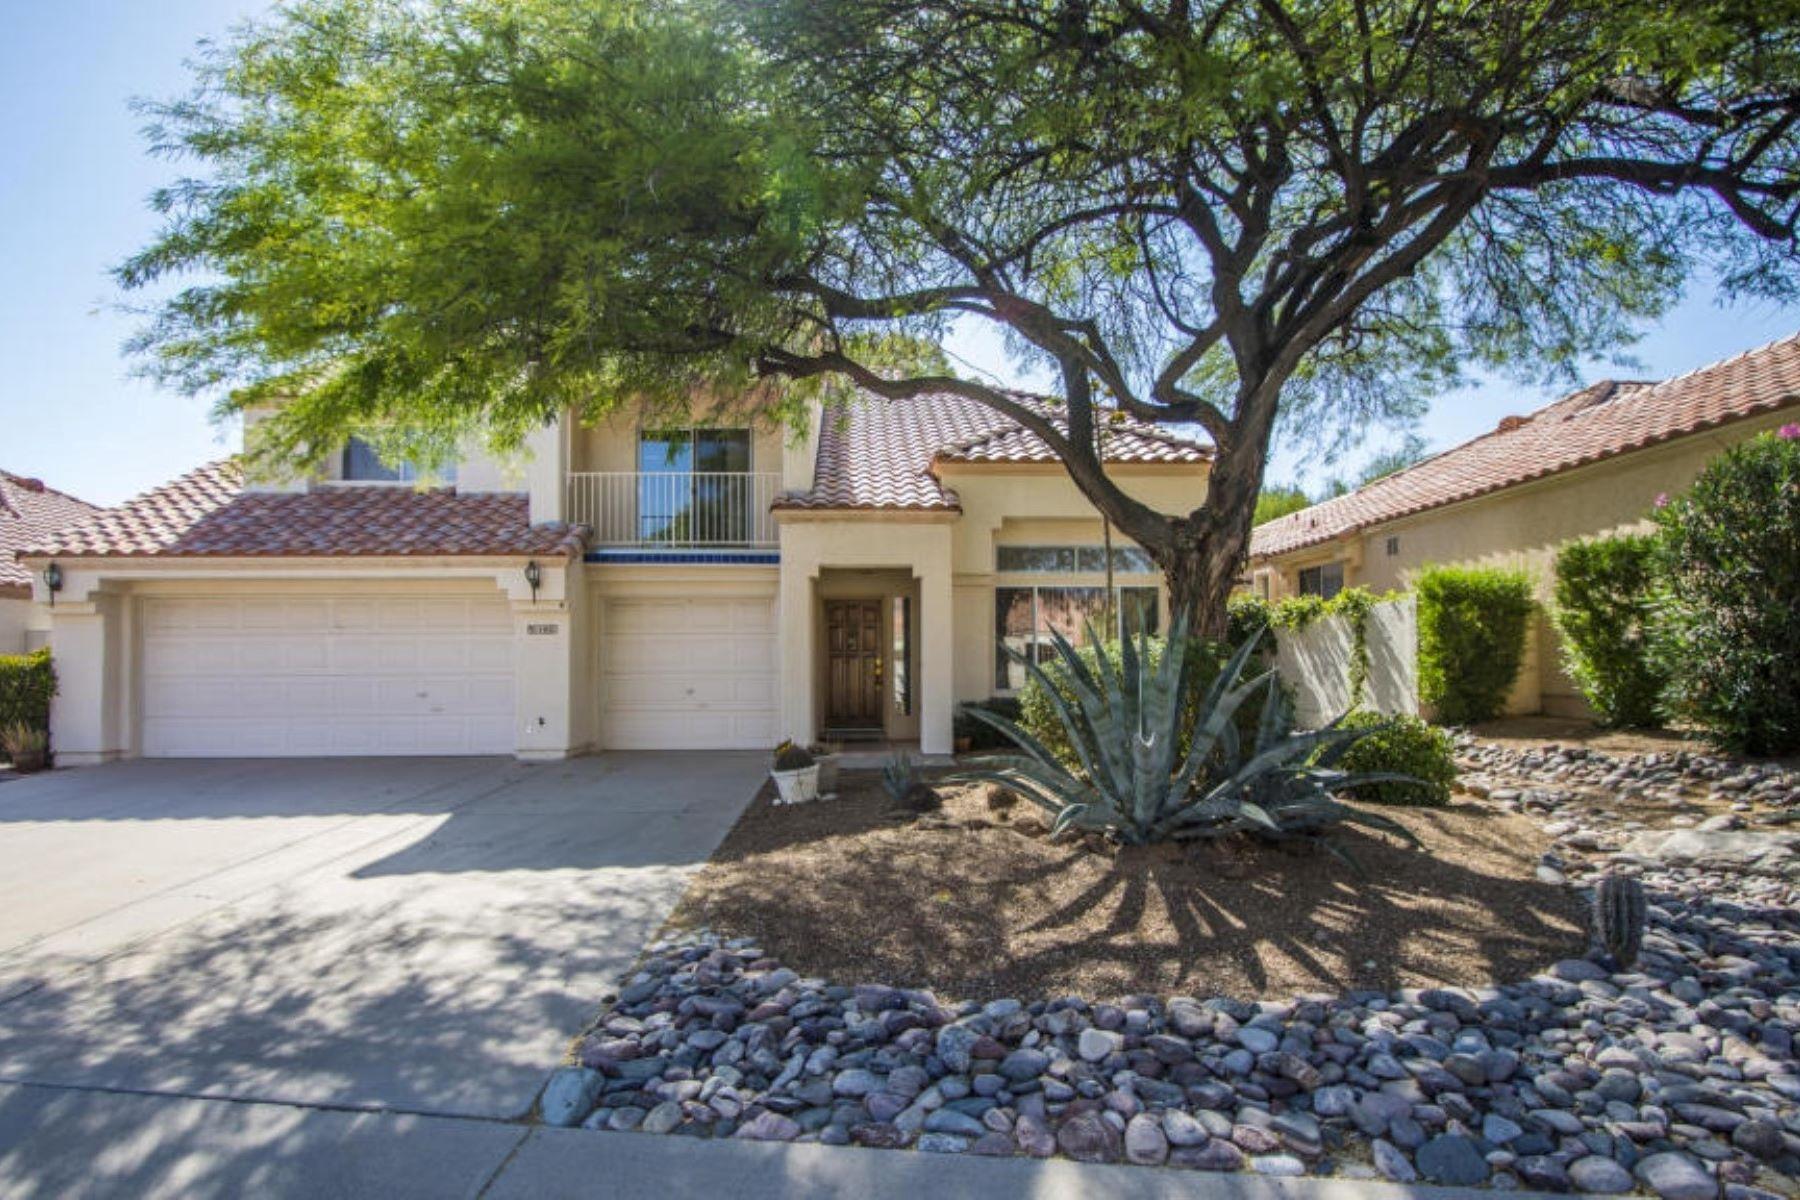 一戸建て のために 売買 アット Canada Hills Village 10775 N. Ridgewind Court Tucson, アリゾナ, 85737 アメリカ合衆国